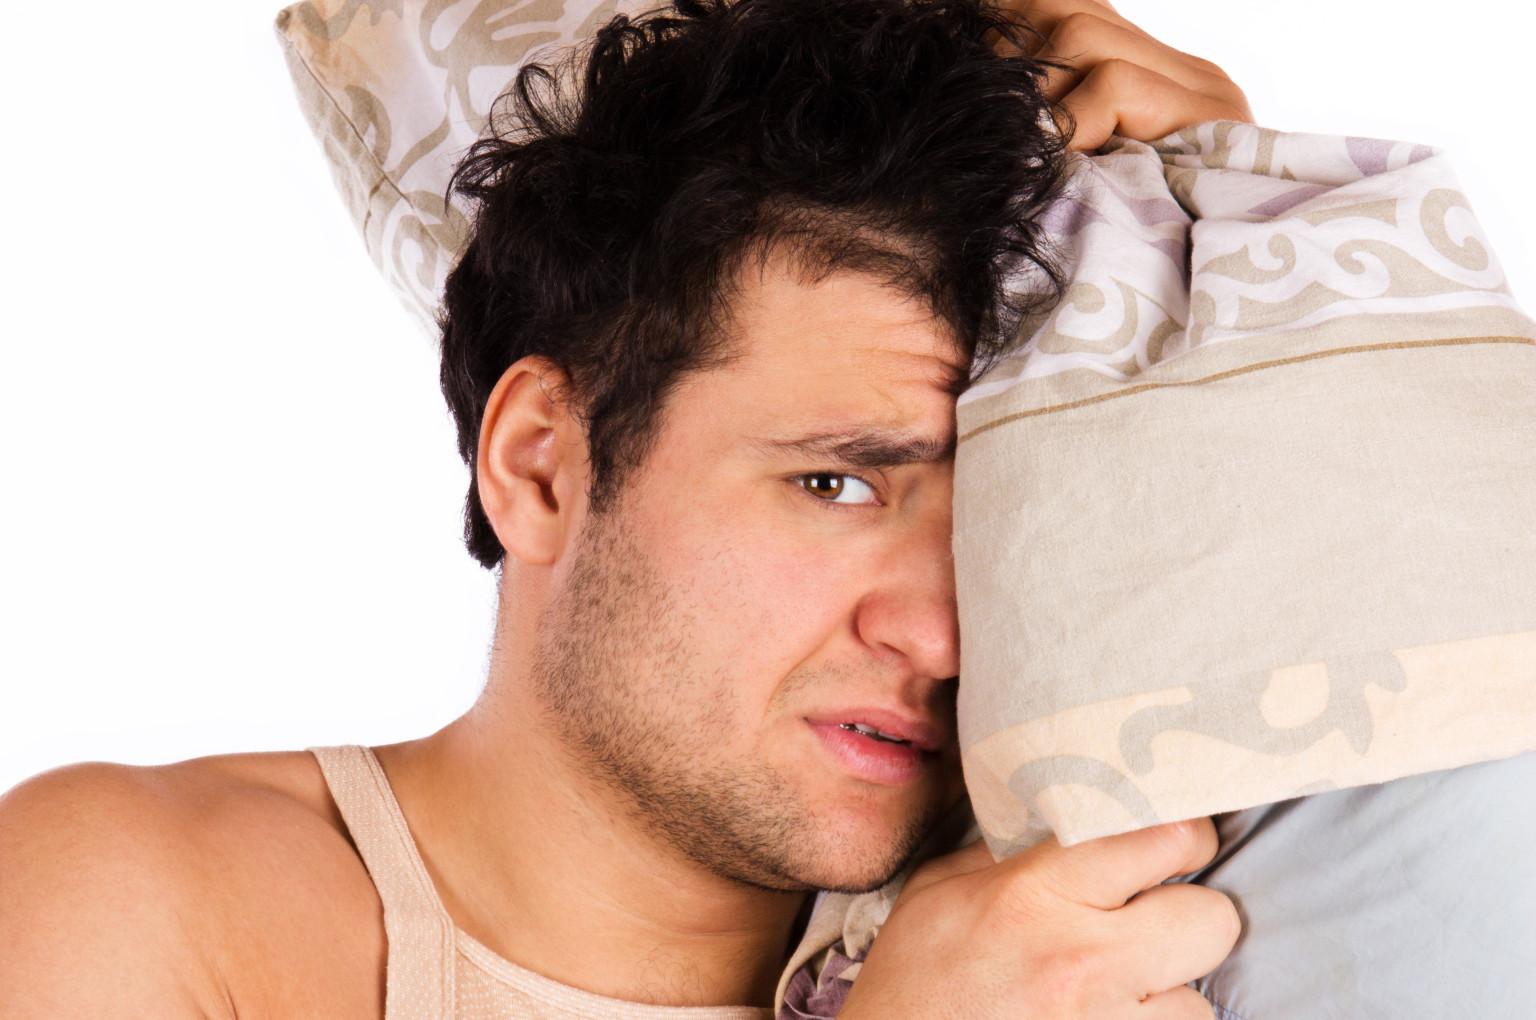 Utiliser la tablette avant de dormir affecte négativement la qualité du sommeil